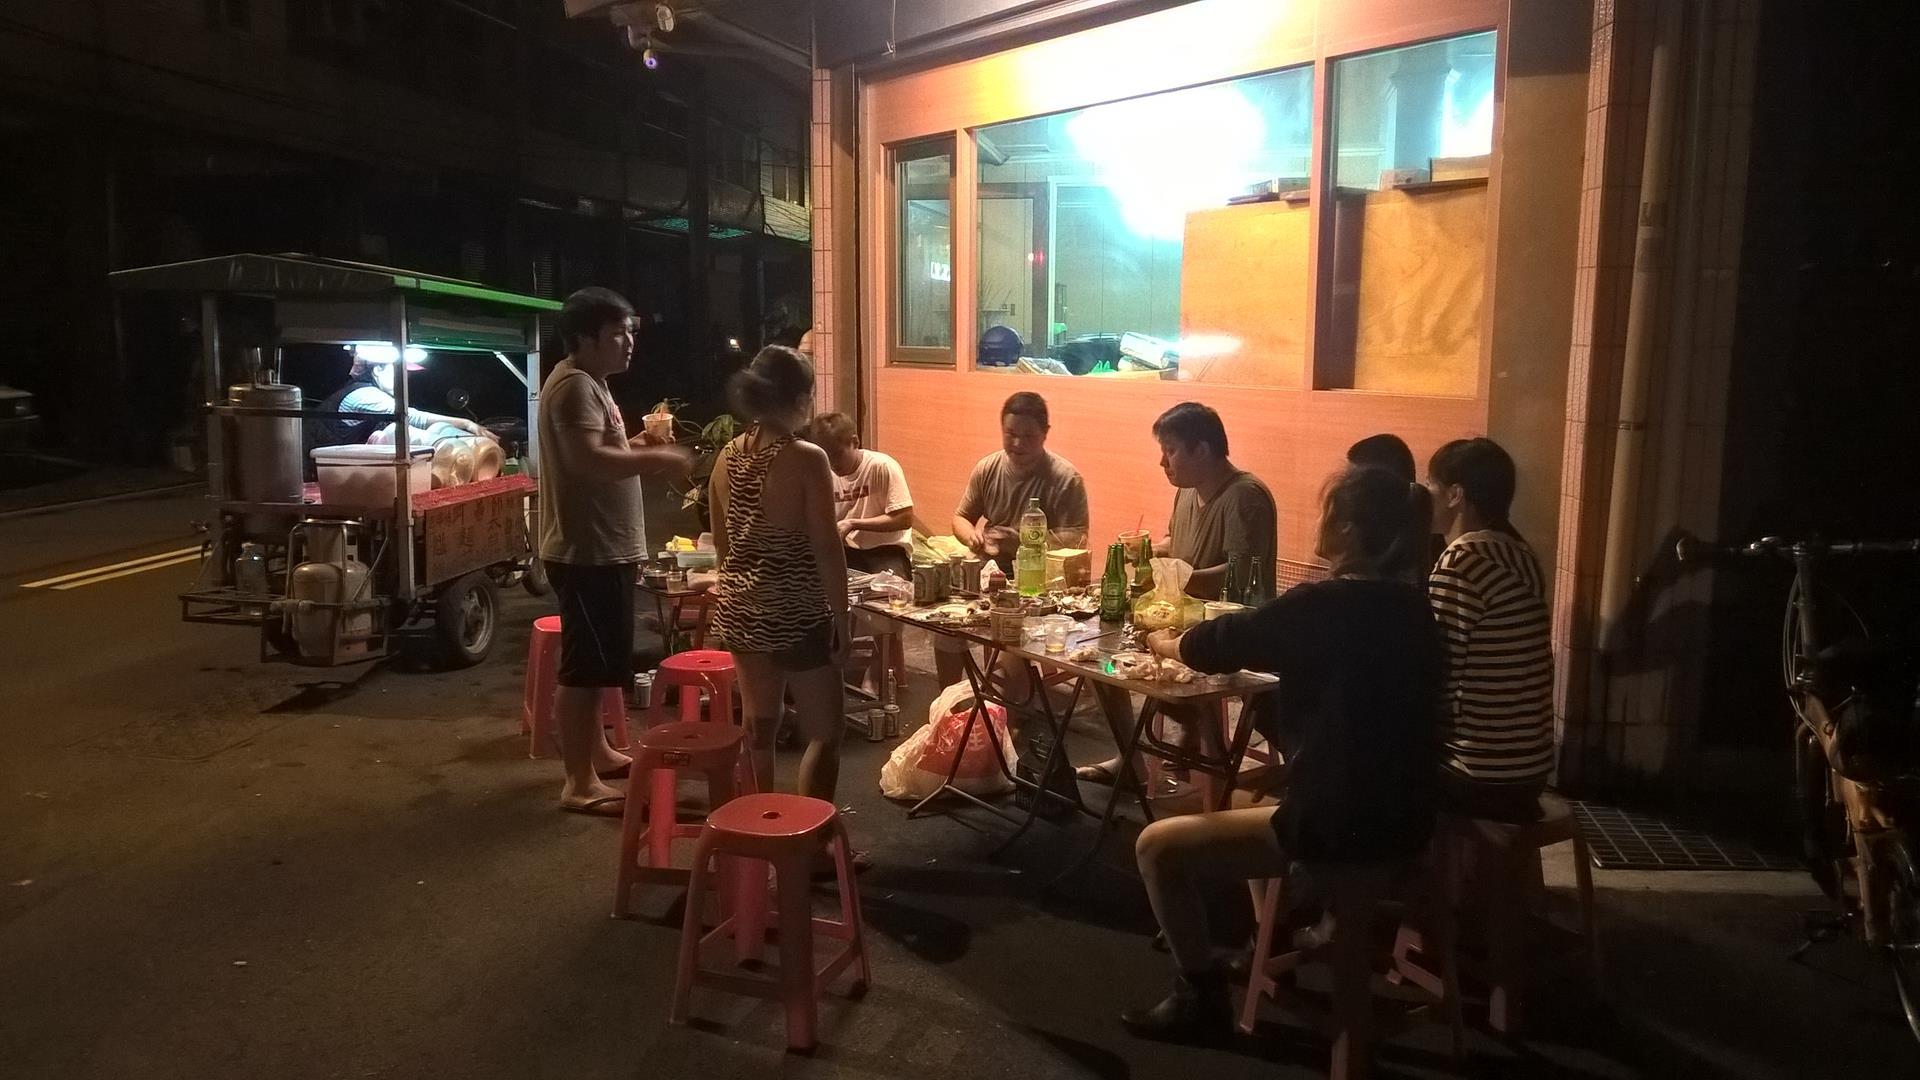 BBQ auf Taiwanisch: Alle sitzen zusammen auf der Straße und essen